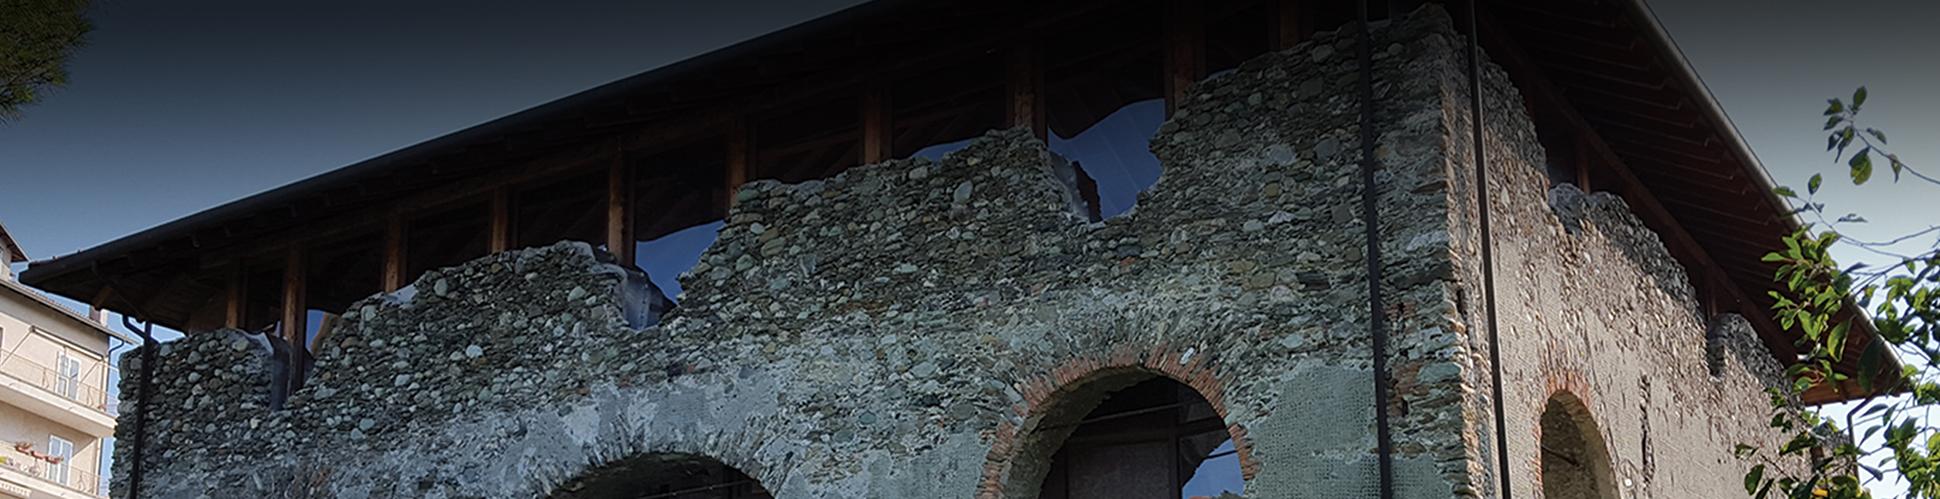 campomorone_restauro_peschiere dei palazzo balbi